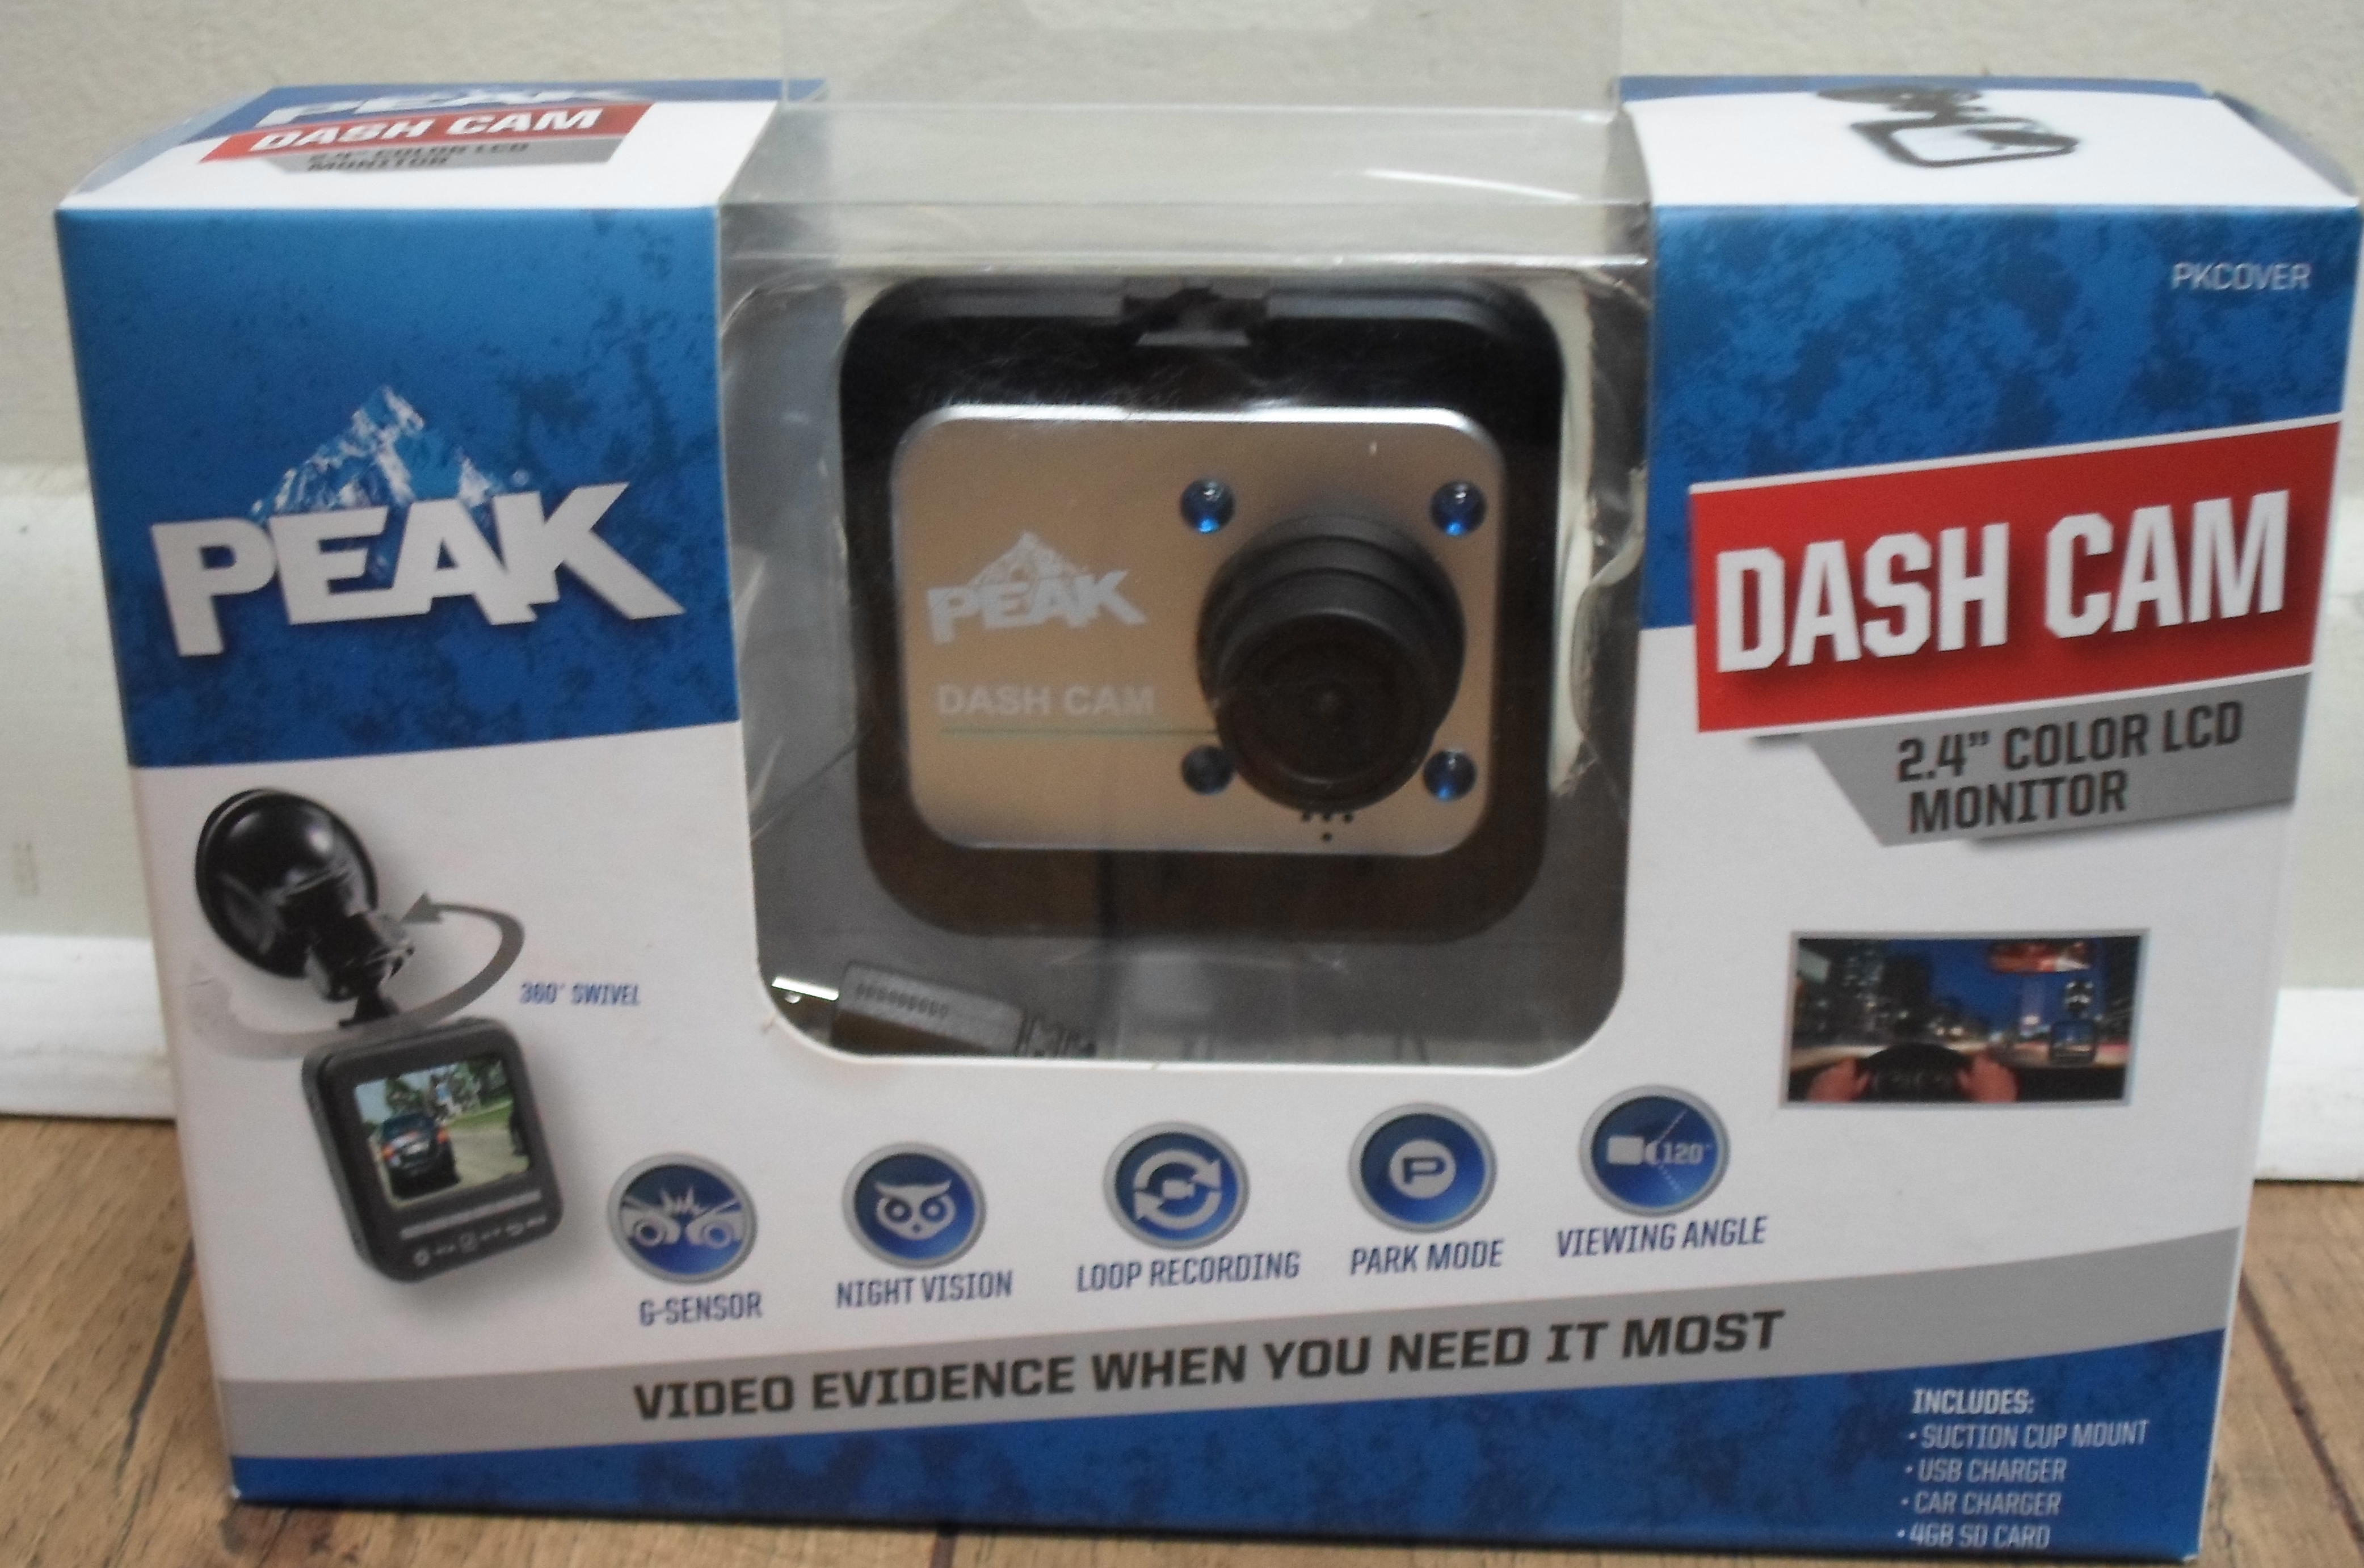 PEAK - DASH CAM